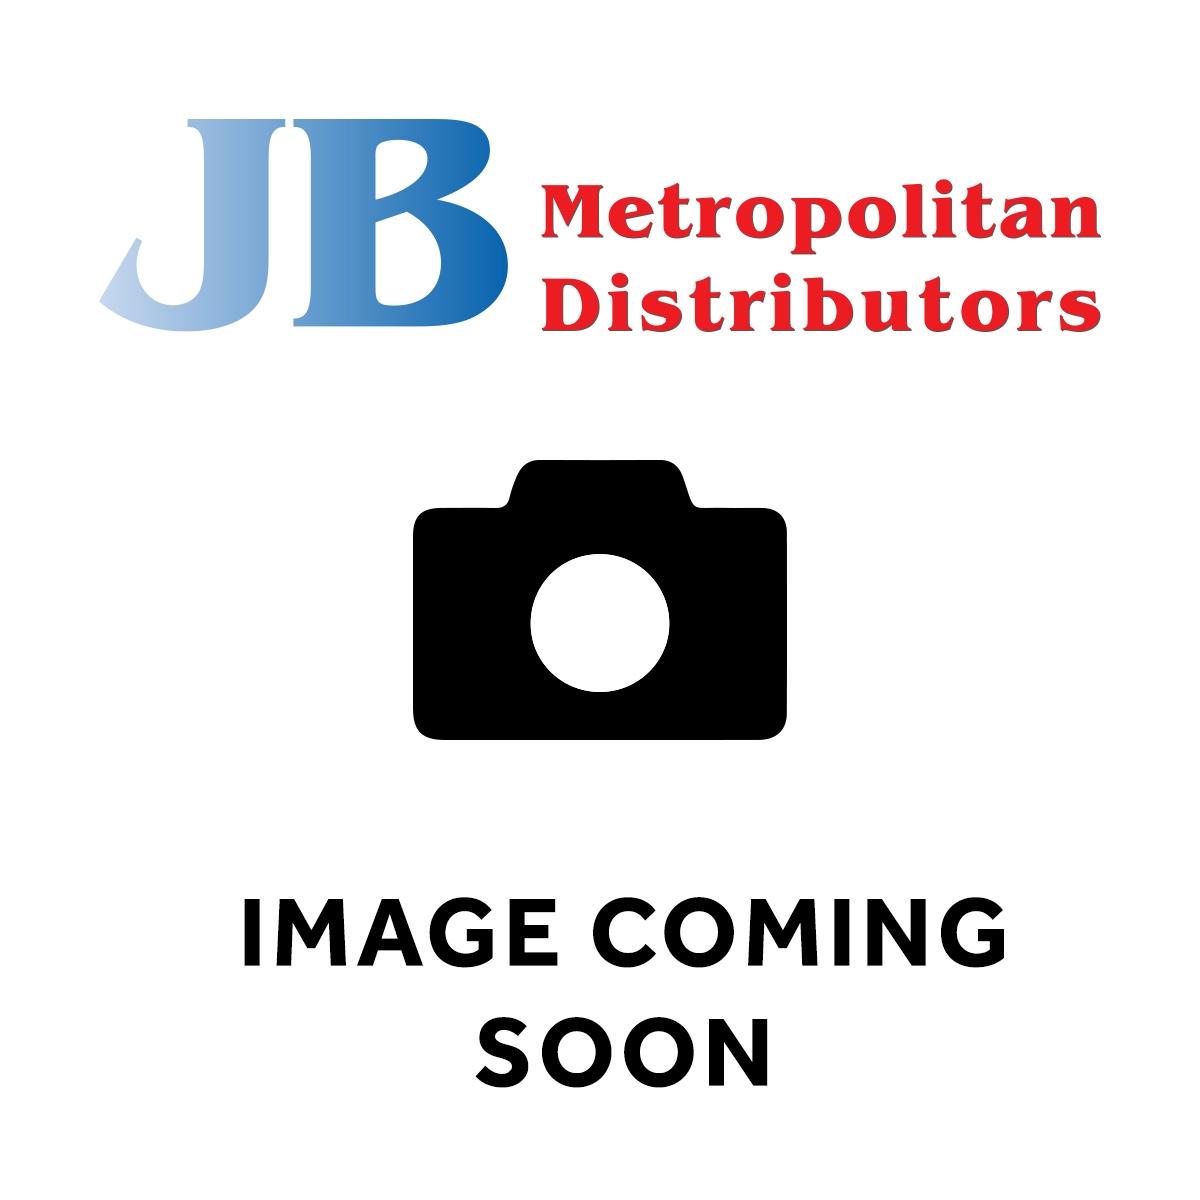 100G MOCCONA CLASSIC